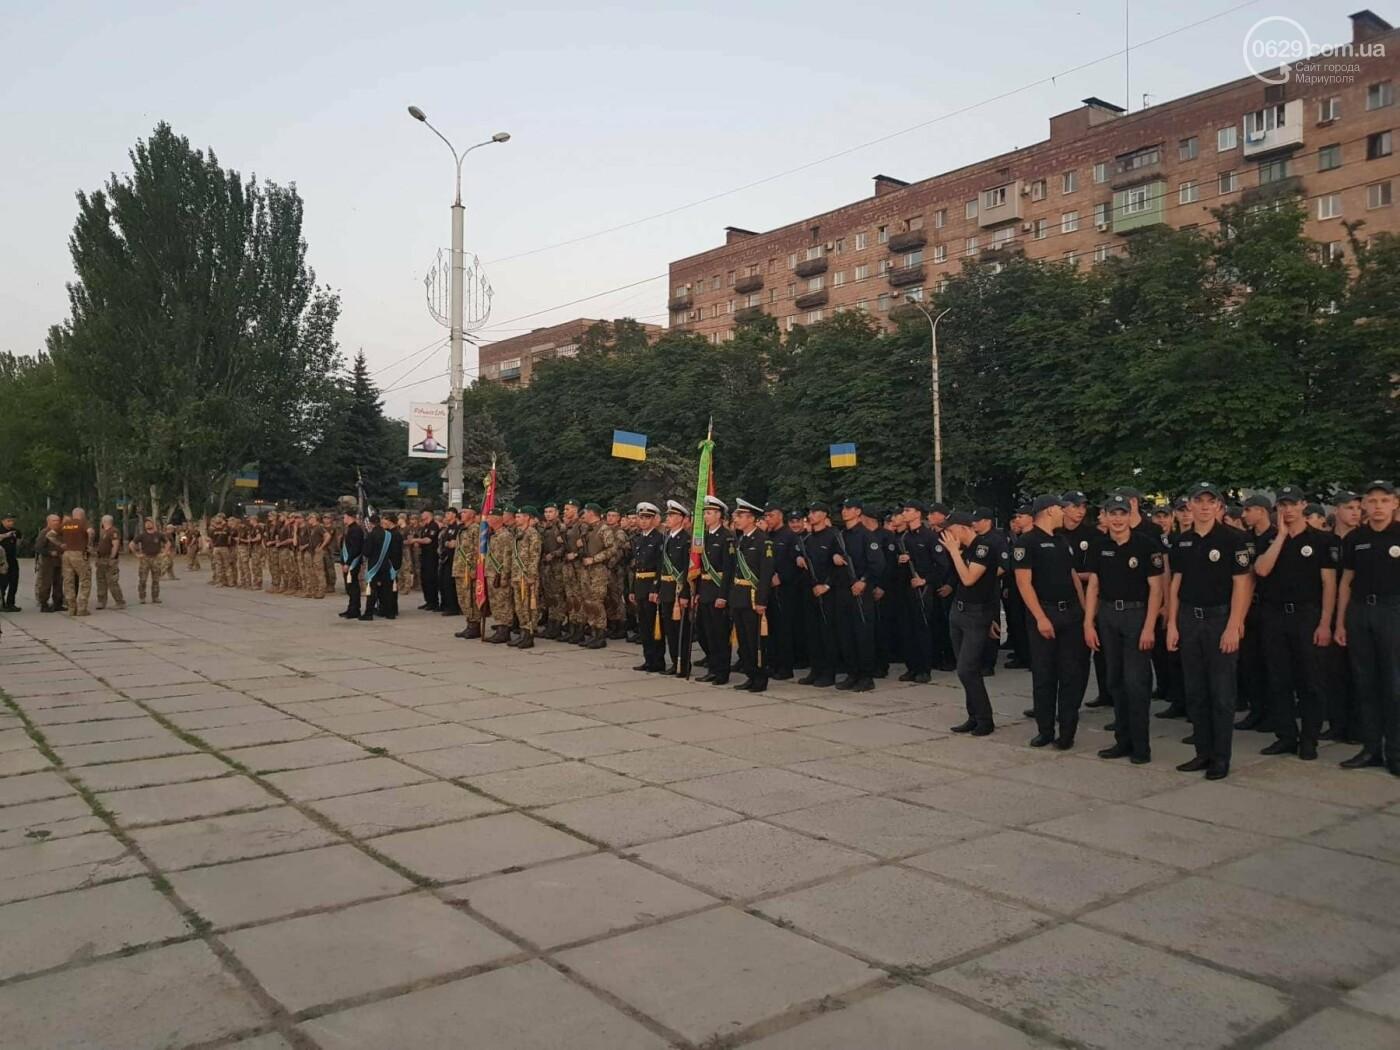 В Мариуполе проходит репетиция парада, - ФОТО, ВИДЕО, фото-3